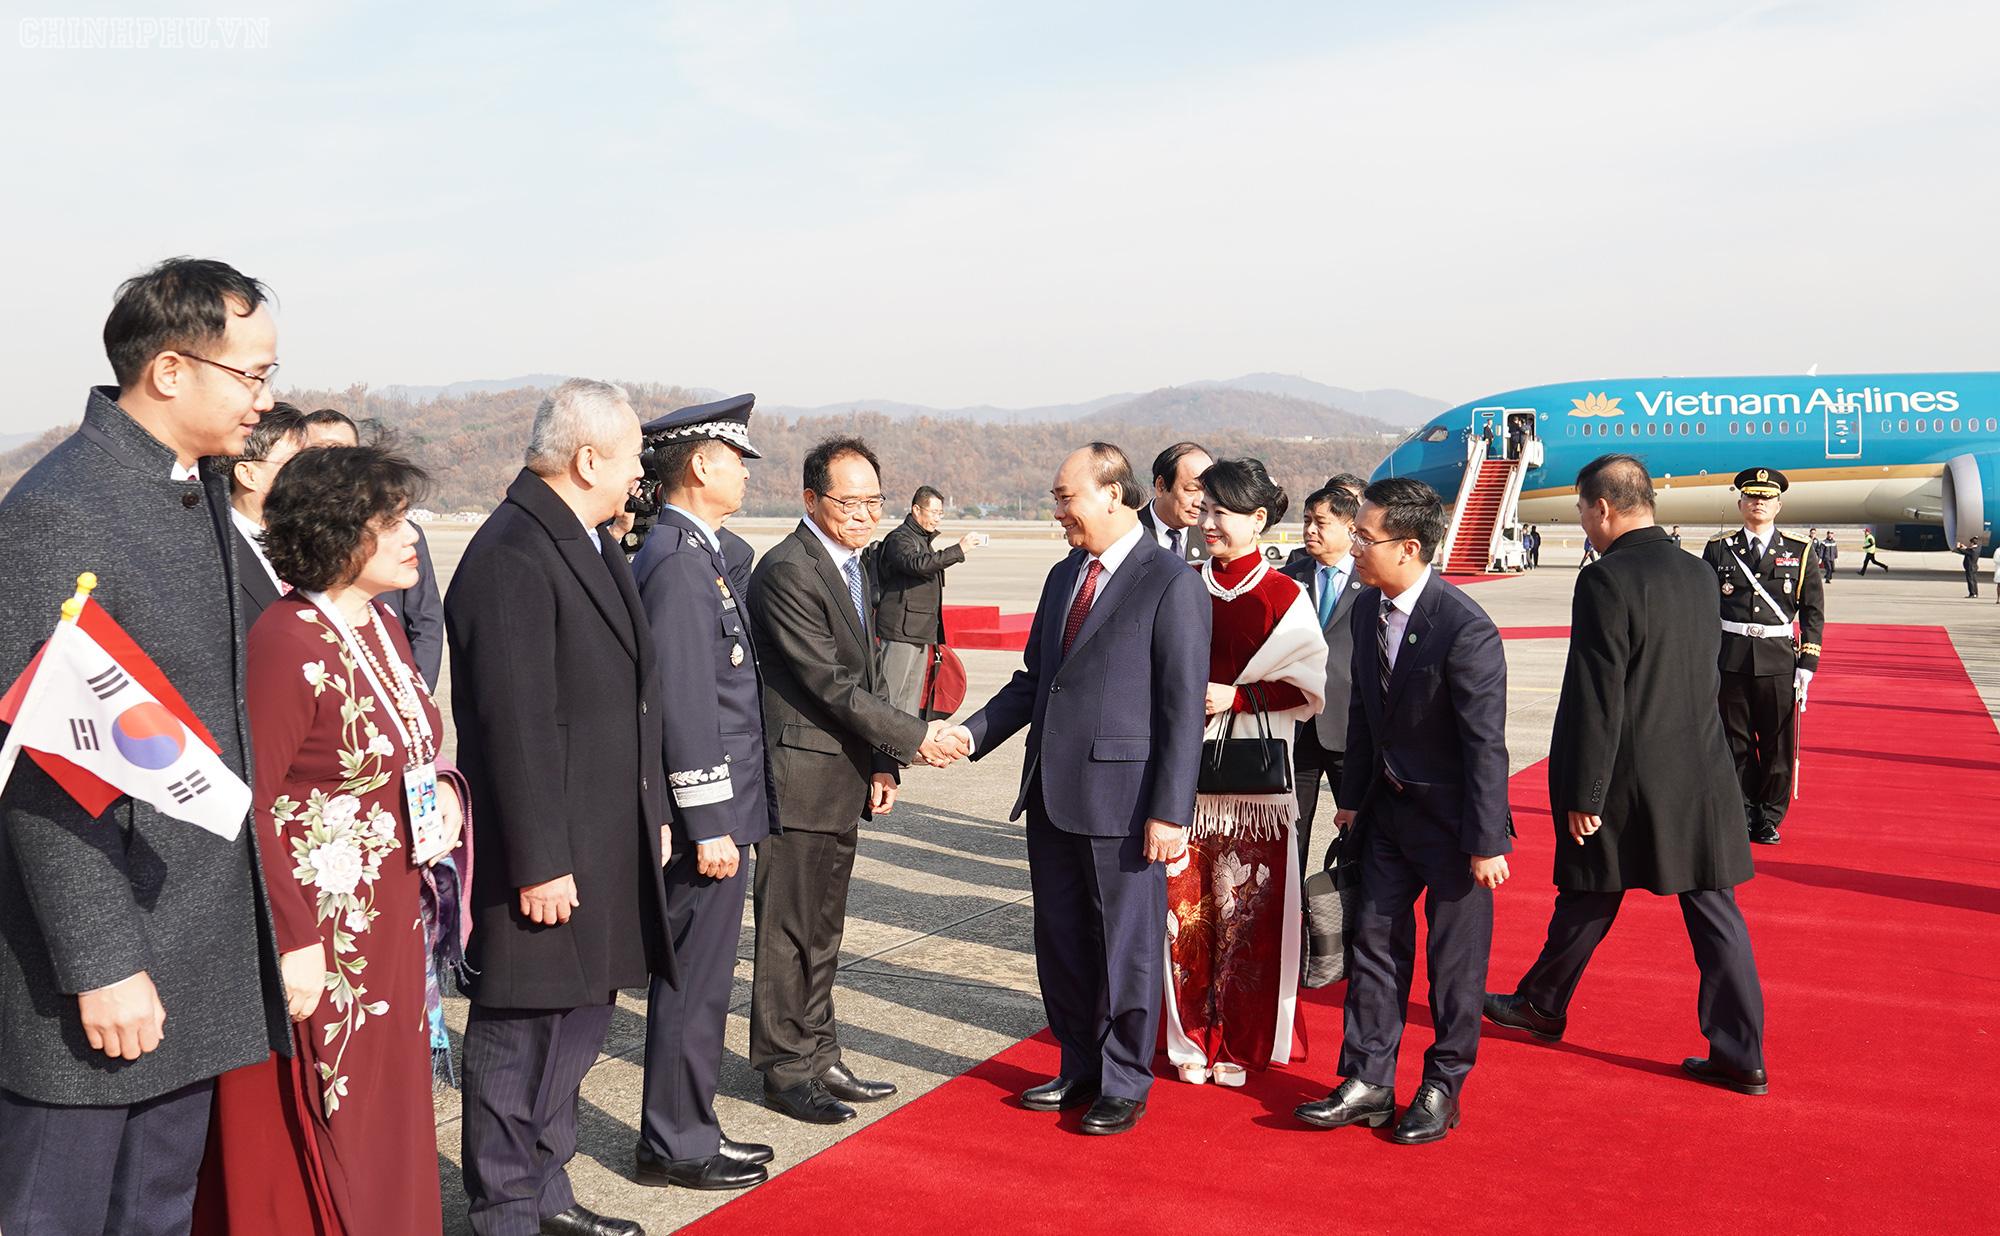 Lễ đón chính thức Thủ tướng Nguyễn Xuân Phúc tại Thủ đô Seoul, Hàn Quốc - Ảnh 5.